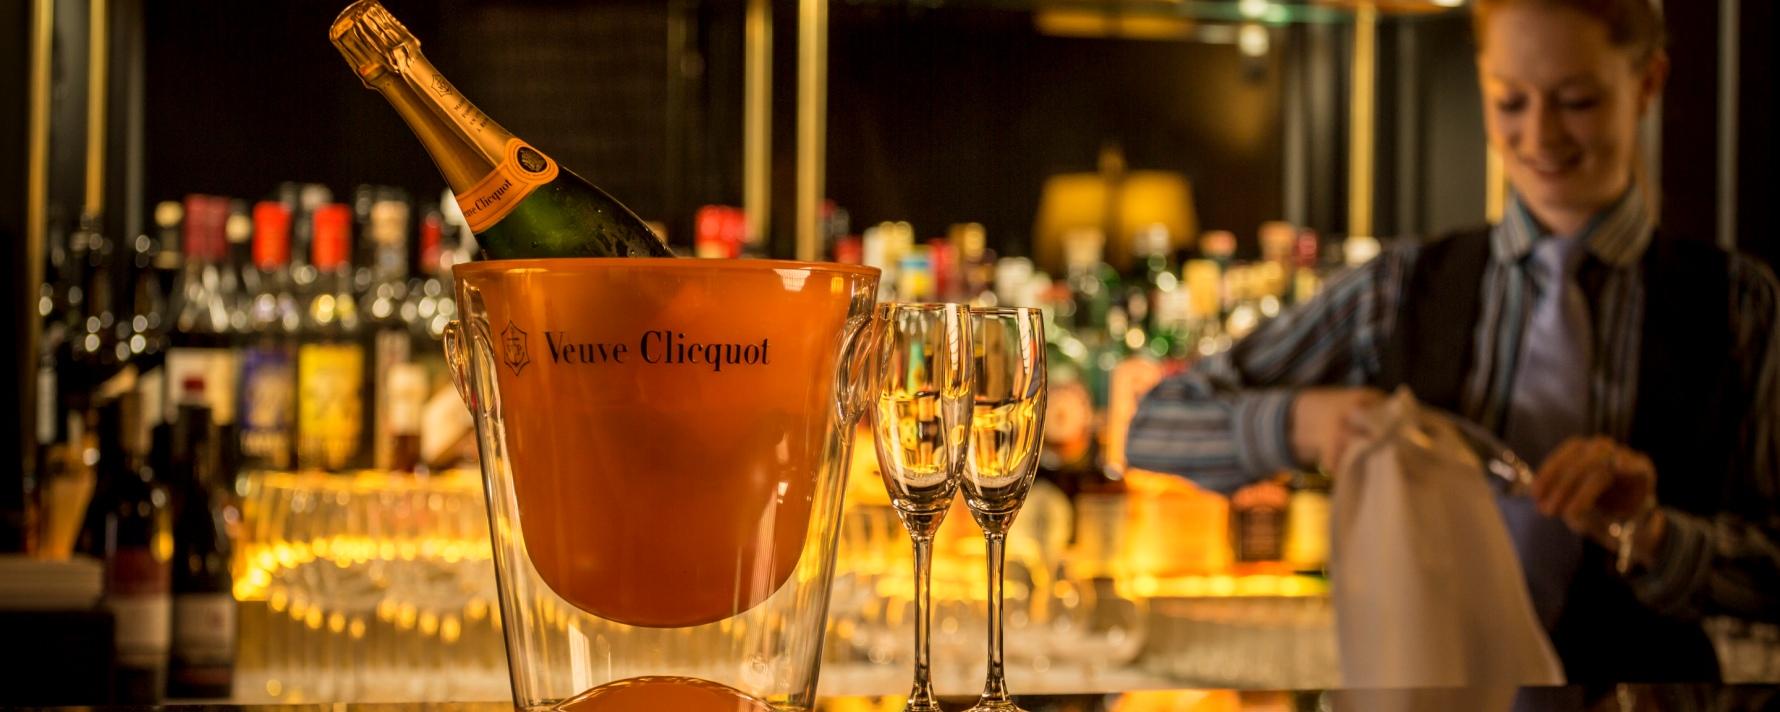 Glamourland bar champagne